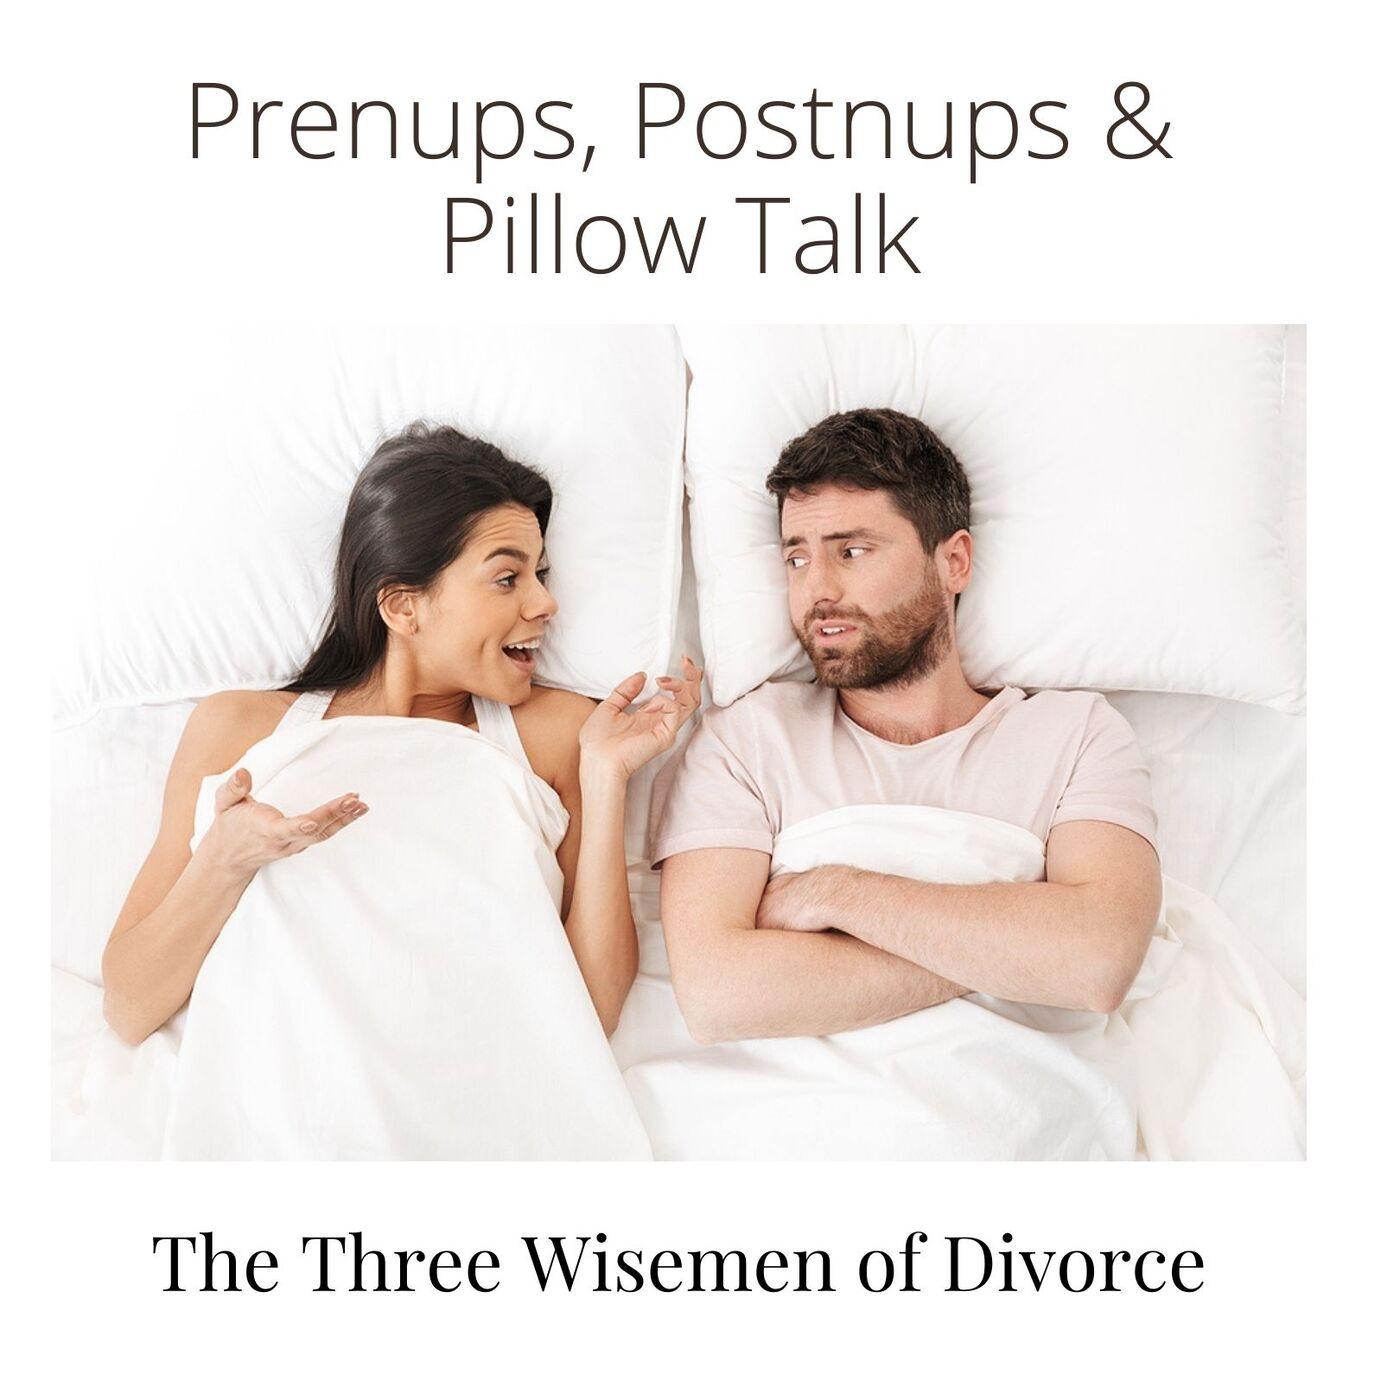 Prenups, Postnups and Pillow Talk